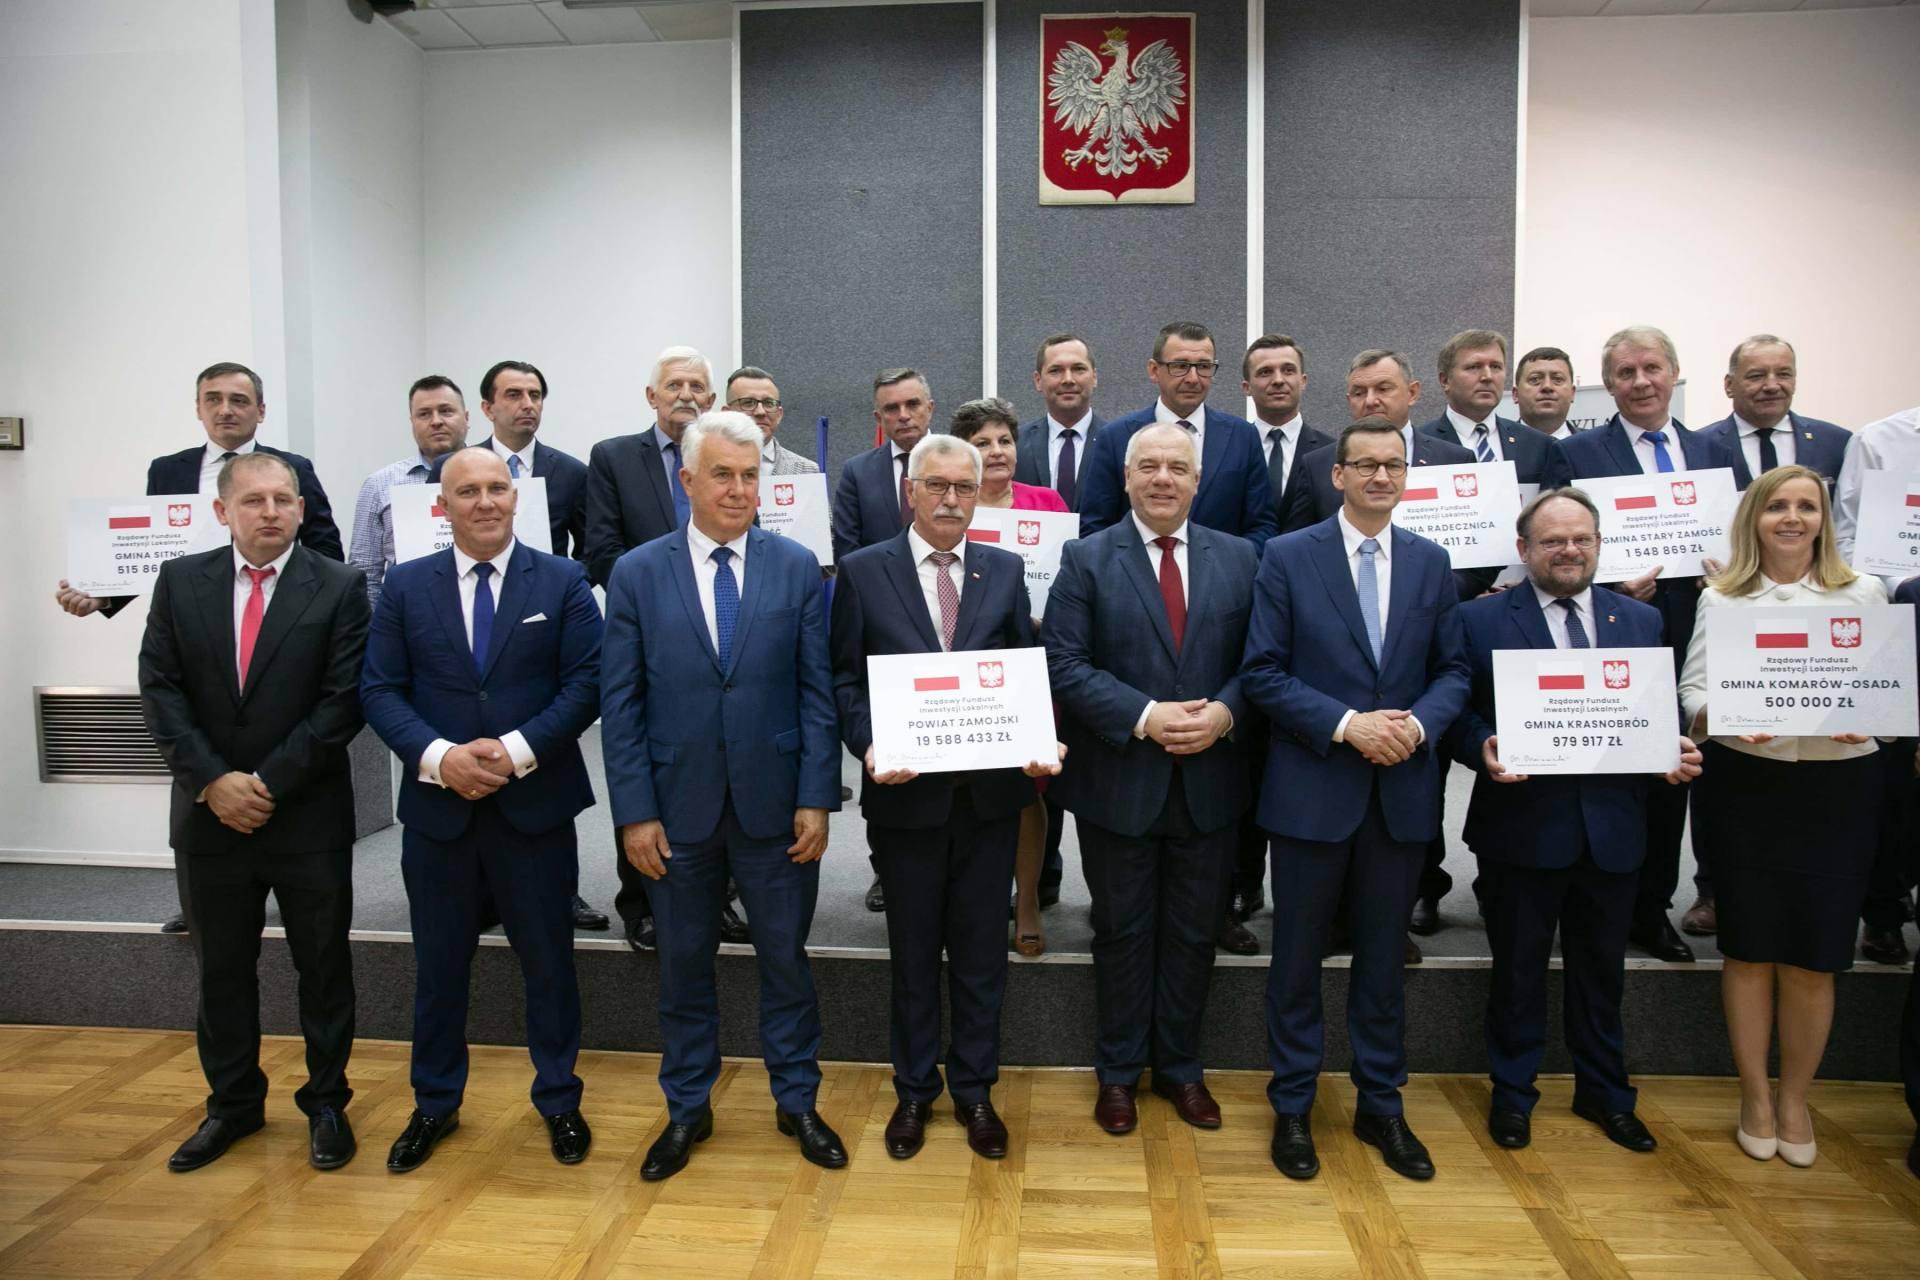 premier morawiecki w zamosciu 34 Premier Mateusz Morawiecki spotkał się z samorządowcami z Zamojszczyzny [ZDJĘCIA]